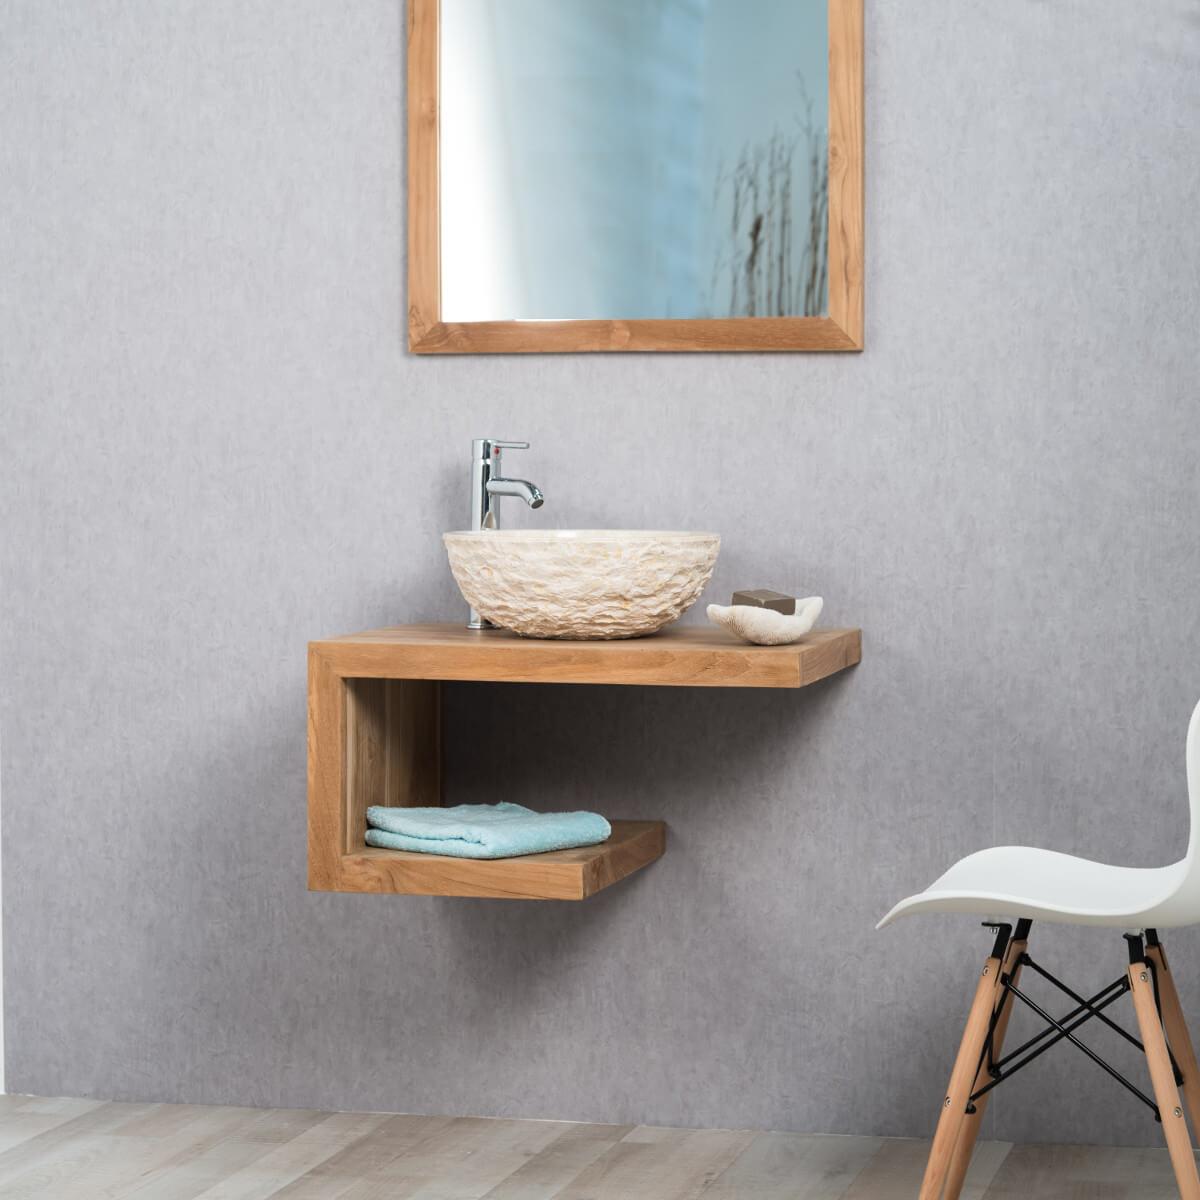 Meuble Vasque Salle De Bain Bois : Salle de bain . Meuble sous vasque . Meuble simple vasque . Meuble de …